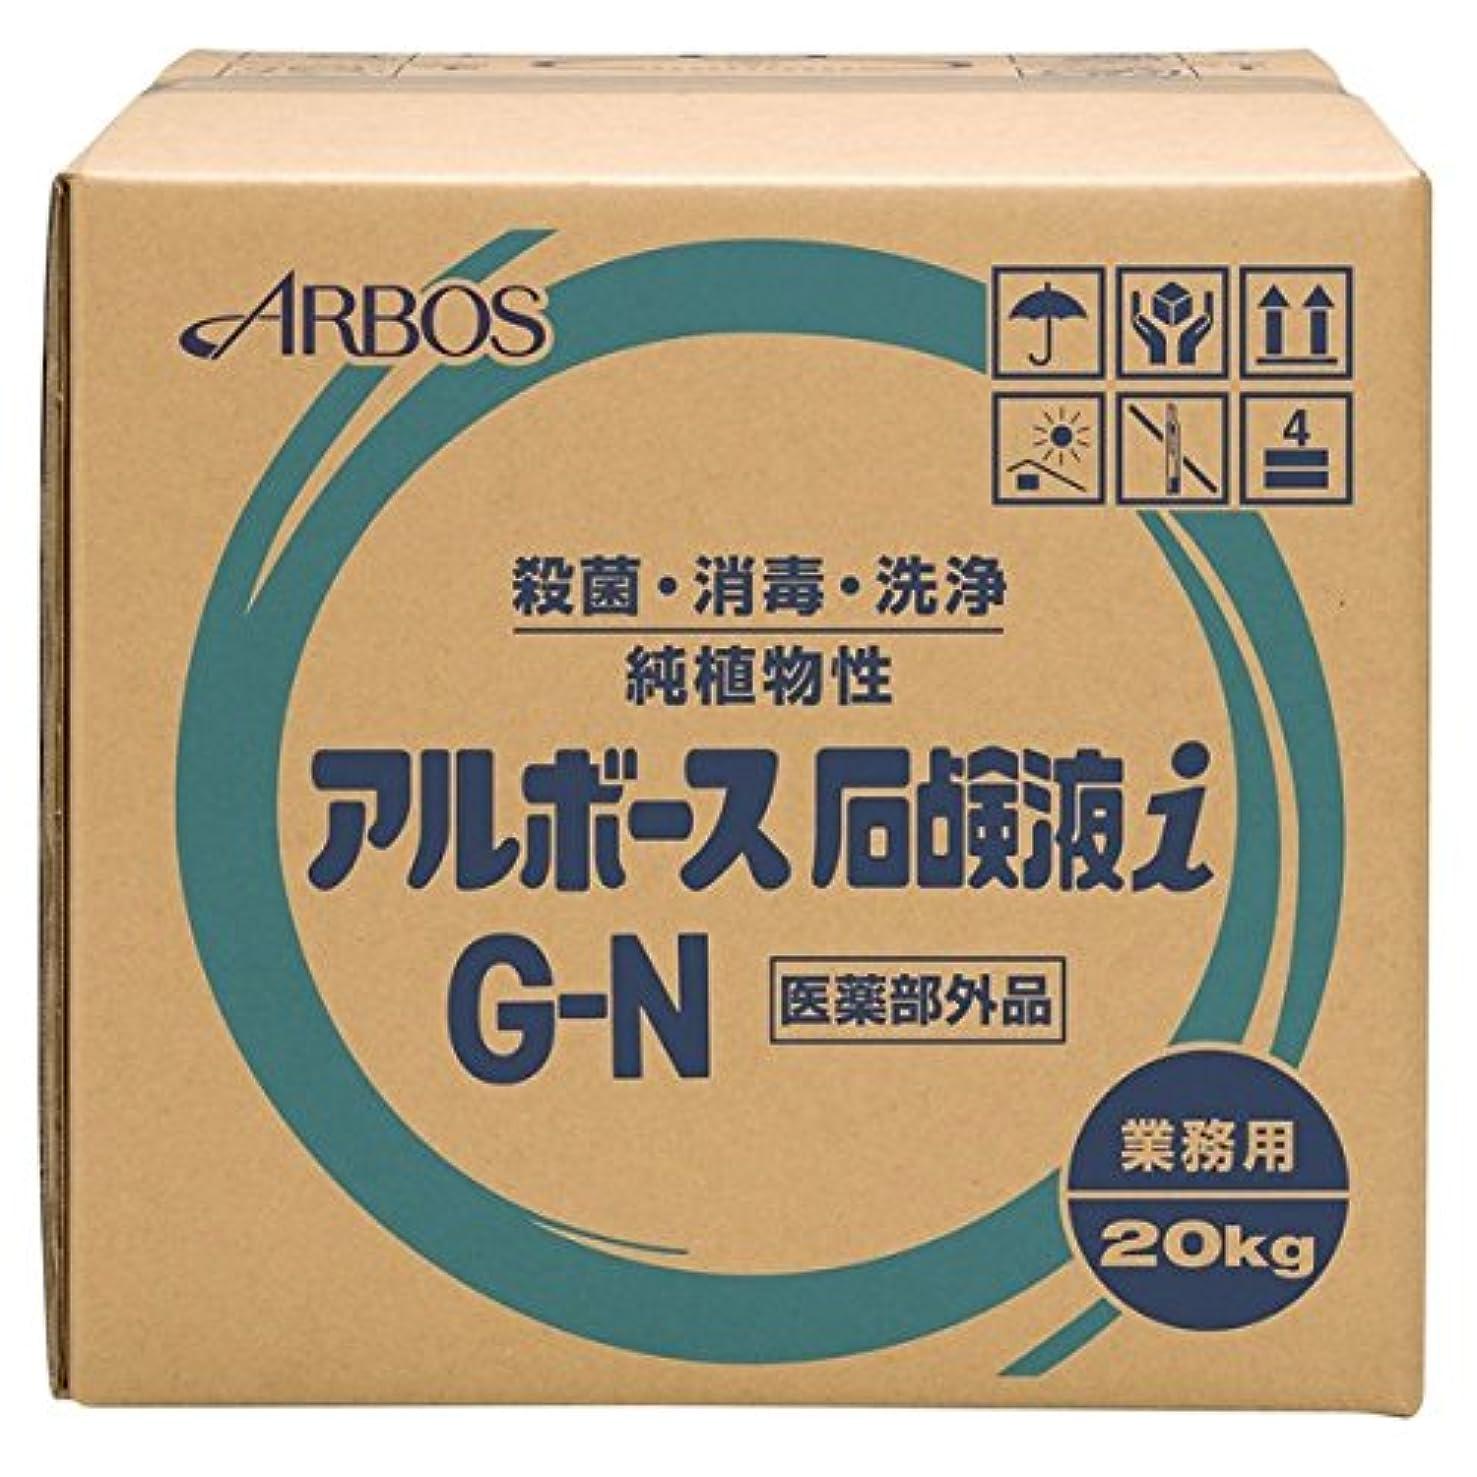 ペインギリックサイクロプスアマチュアアルボース 薬用ハンドソープ アルボース石鹸液i G-N 濃縮タイプ 20kg